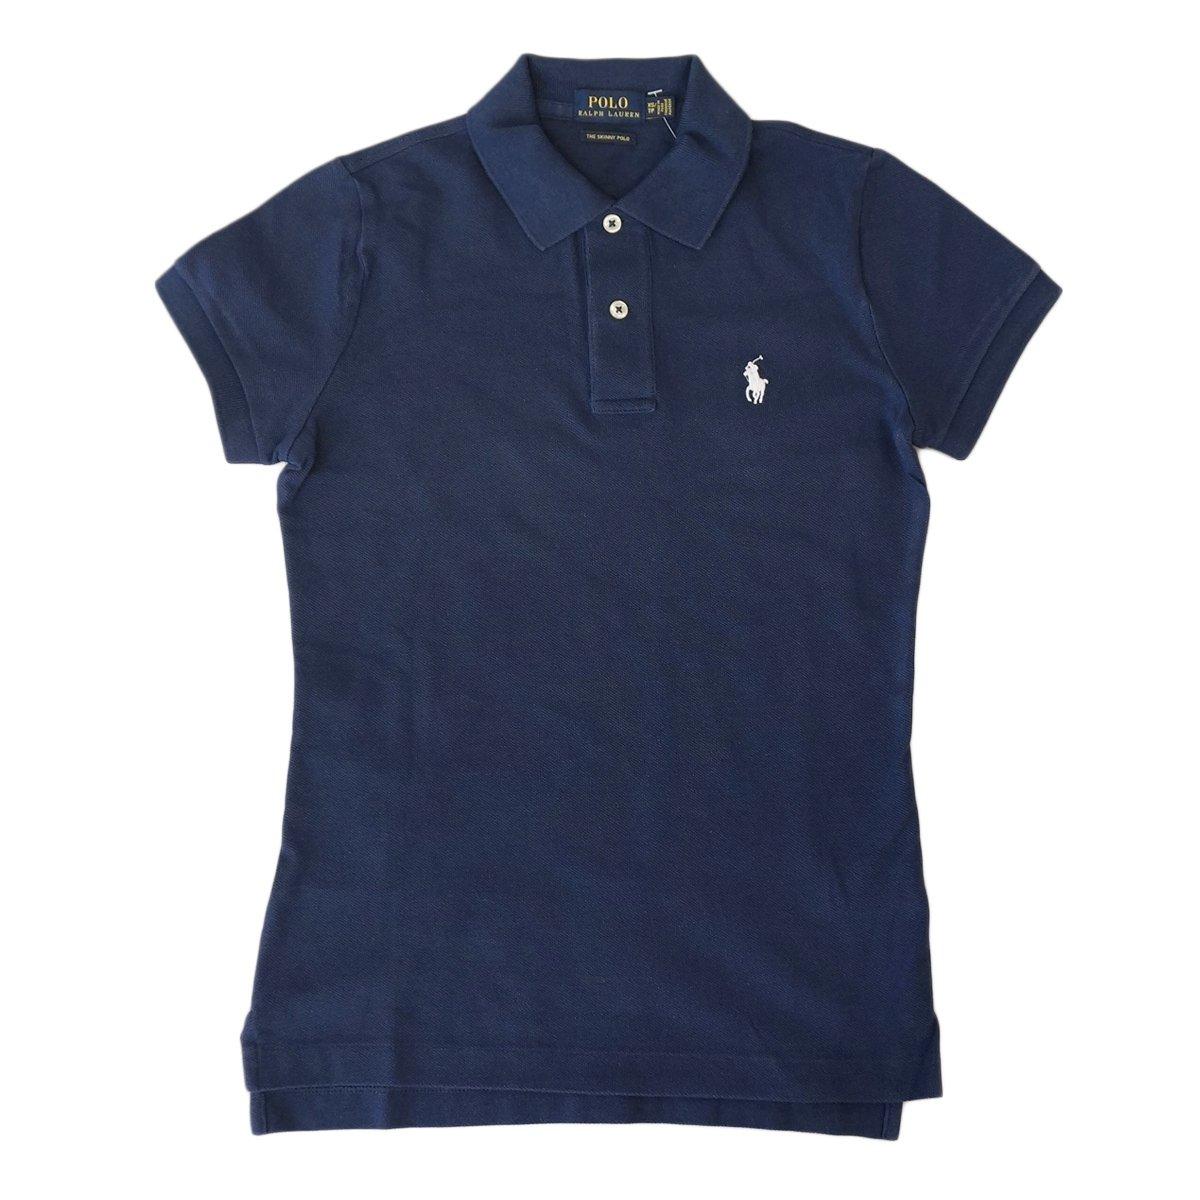 (ポロ ラルフローレン) POLO Ralph Lauren ポロシャツ ポニー ワンポイント レディース [並行輸入品] B013FM09T6 CF-S|ネイビー/ホワイト ネイビー/ホワイト CF-S